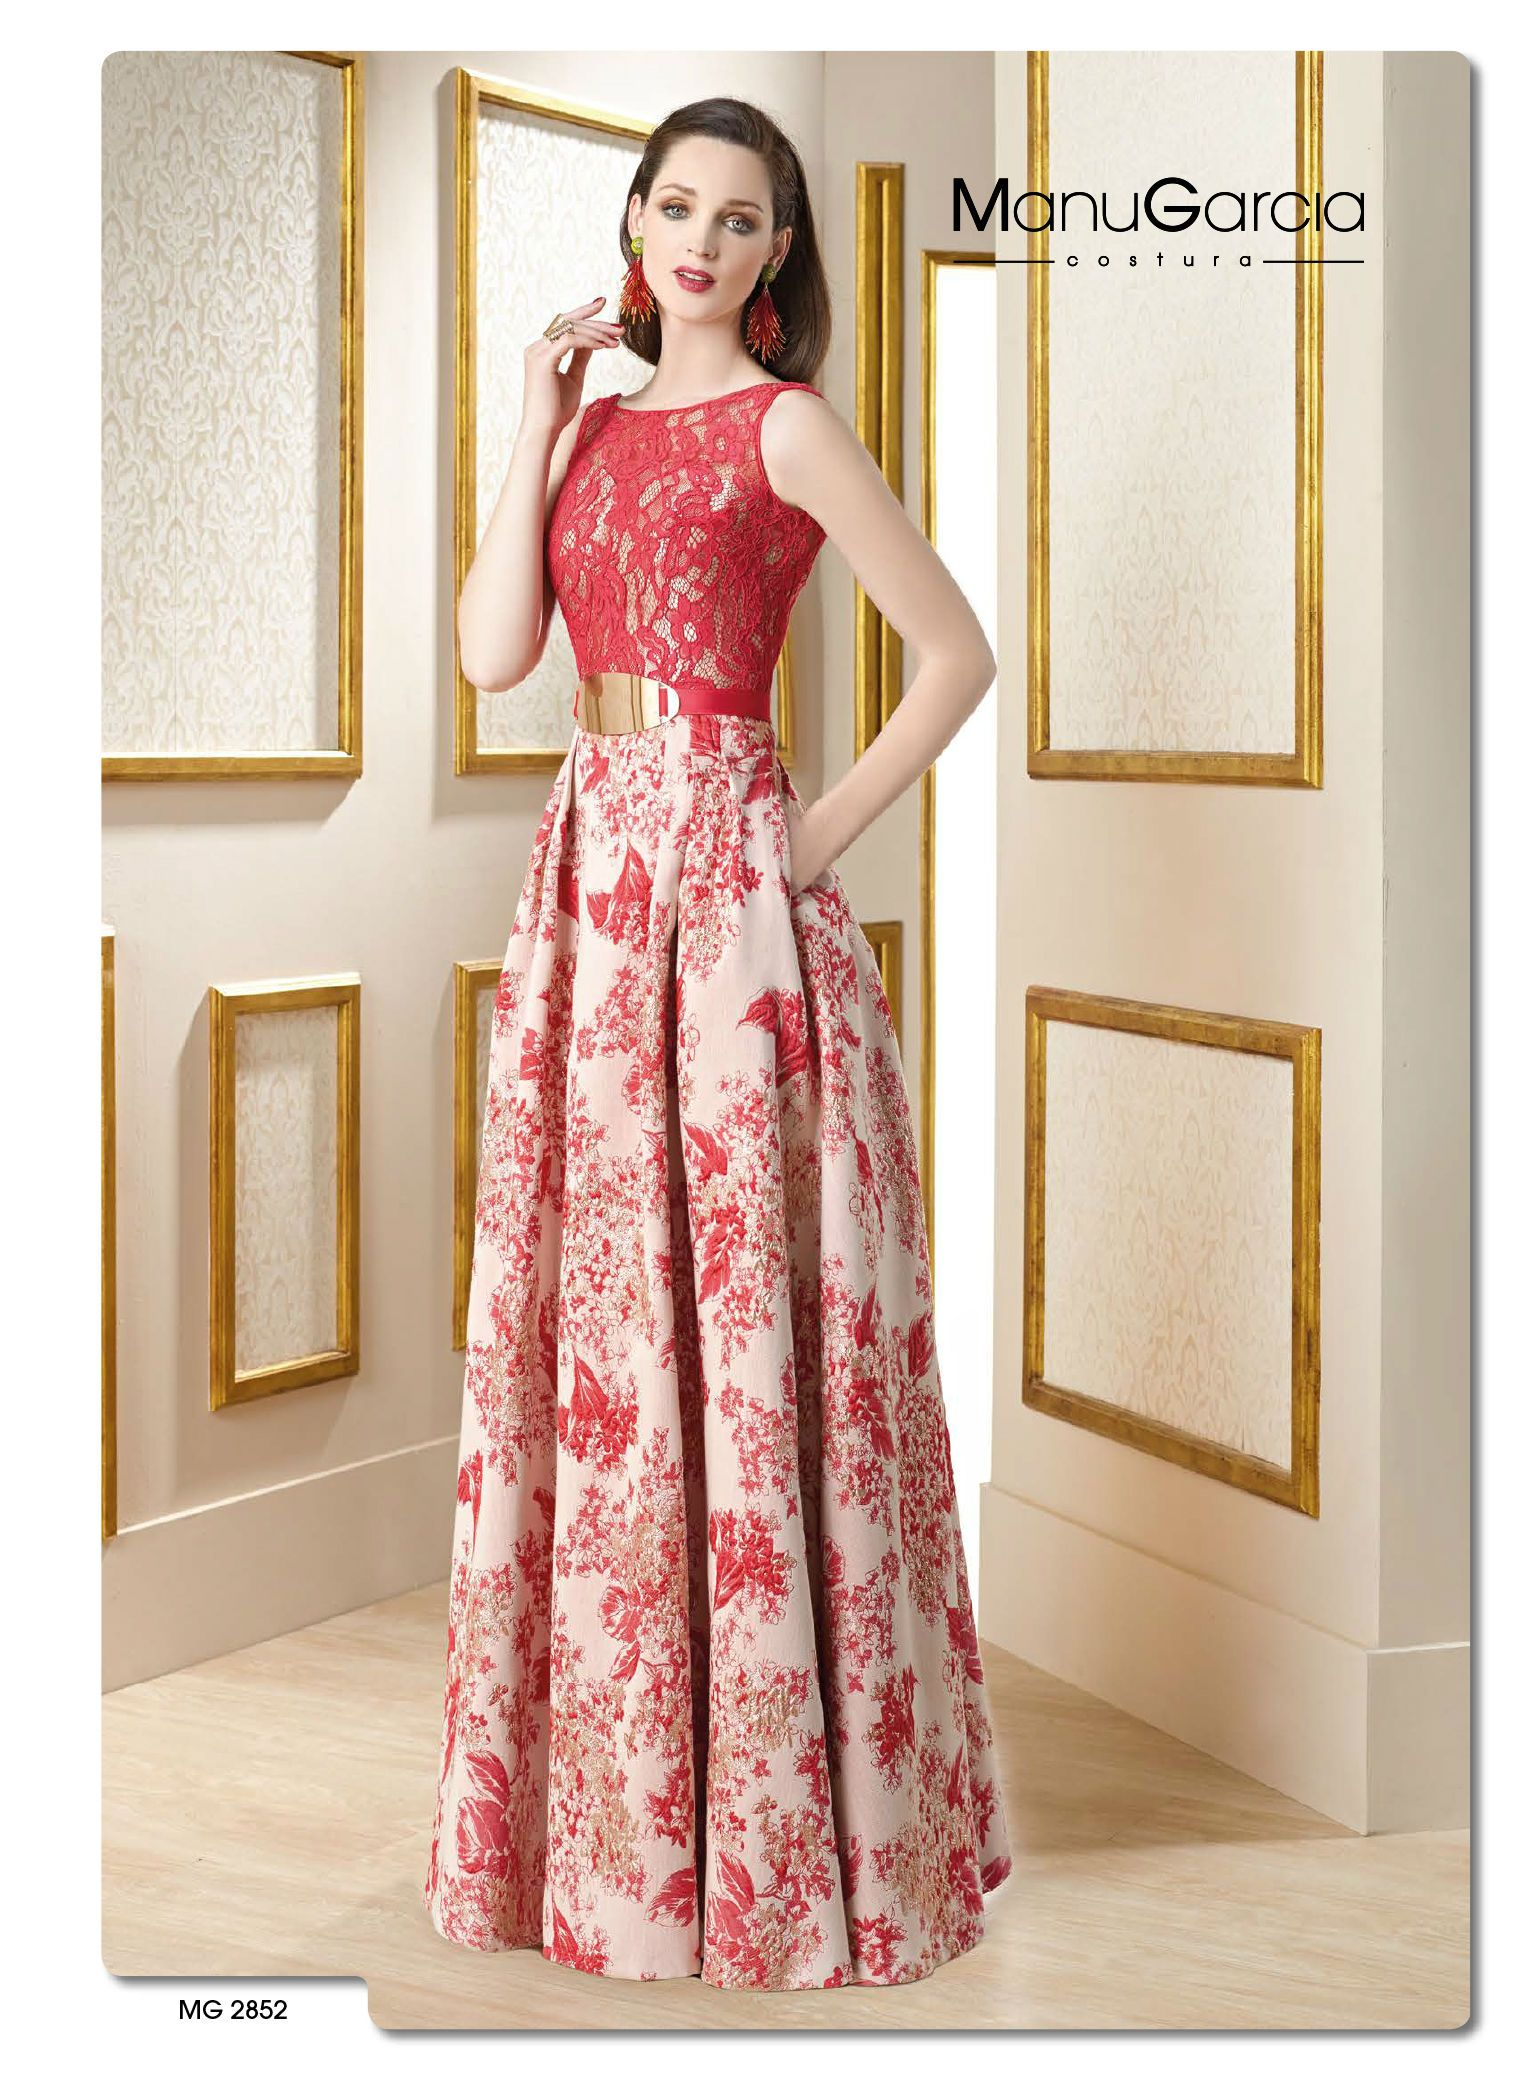 Propuestas para una invitada a una boda de tarde | ropa | Pinterest ...